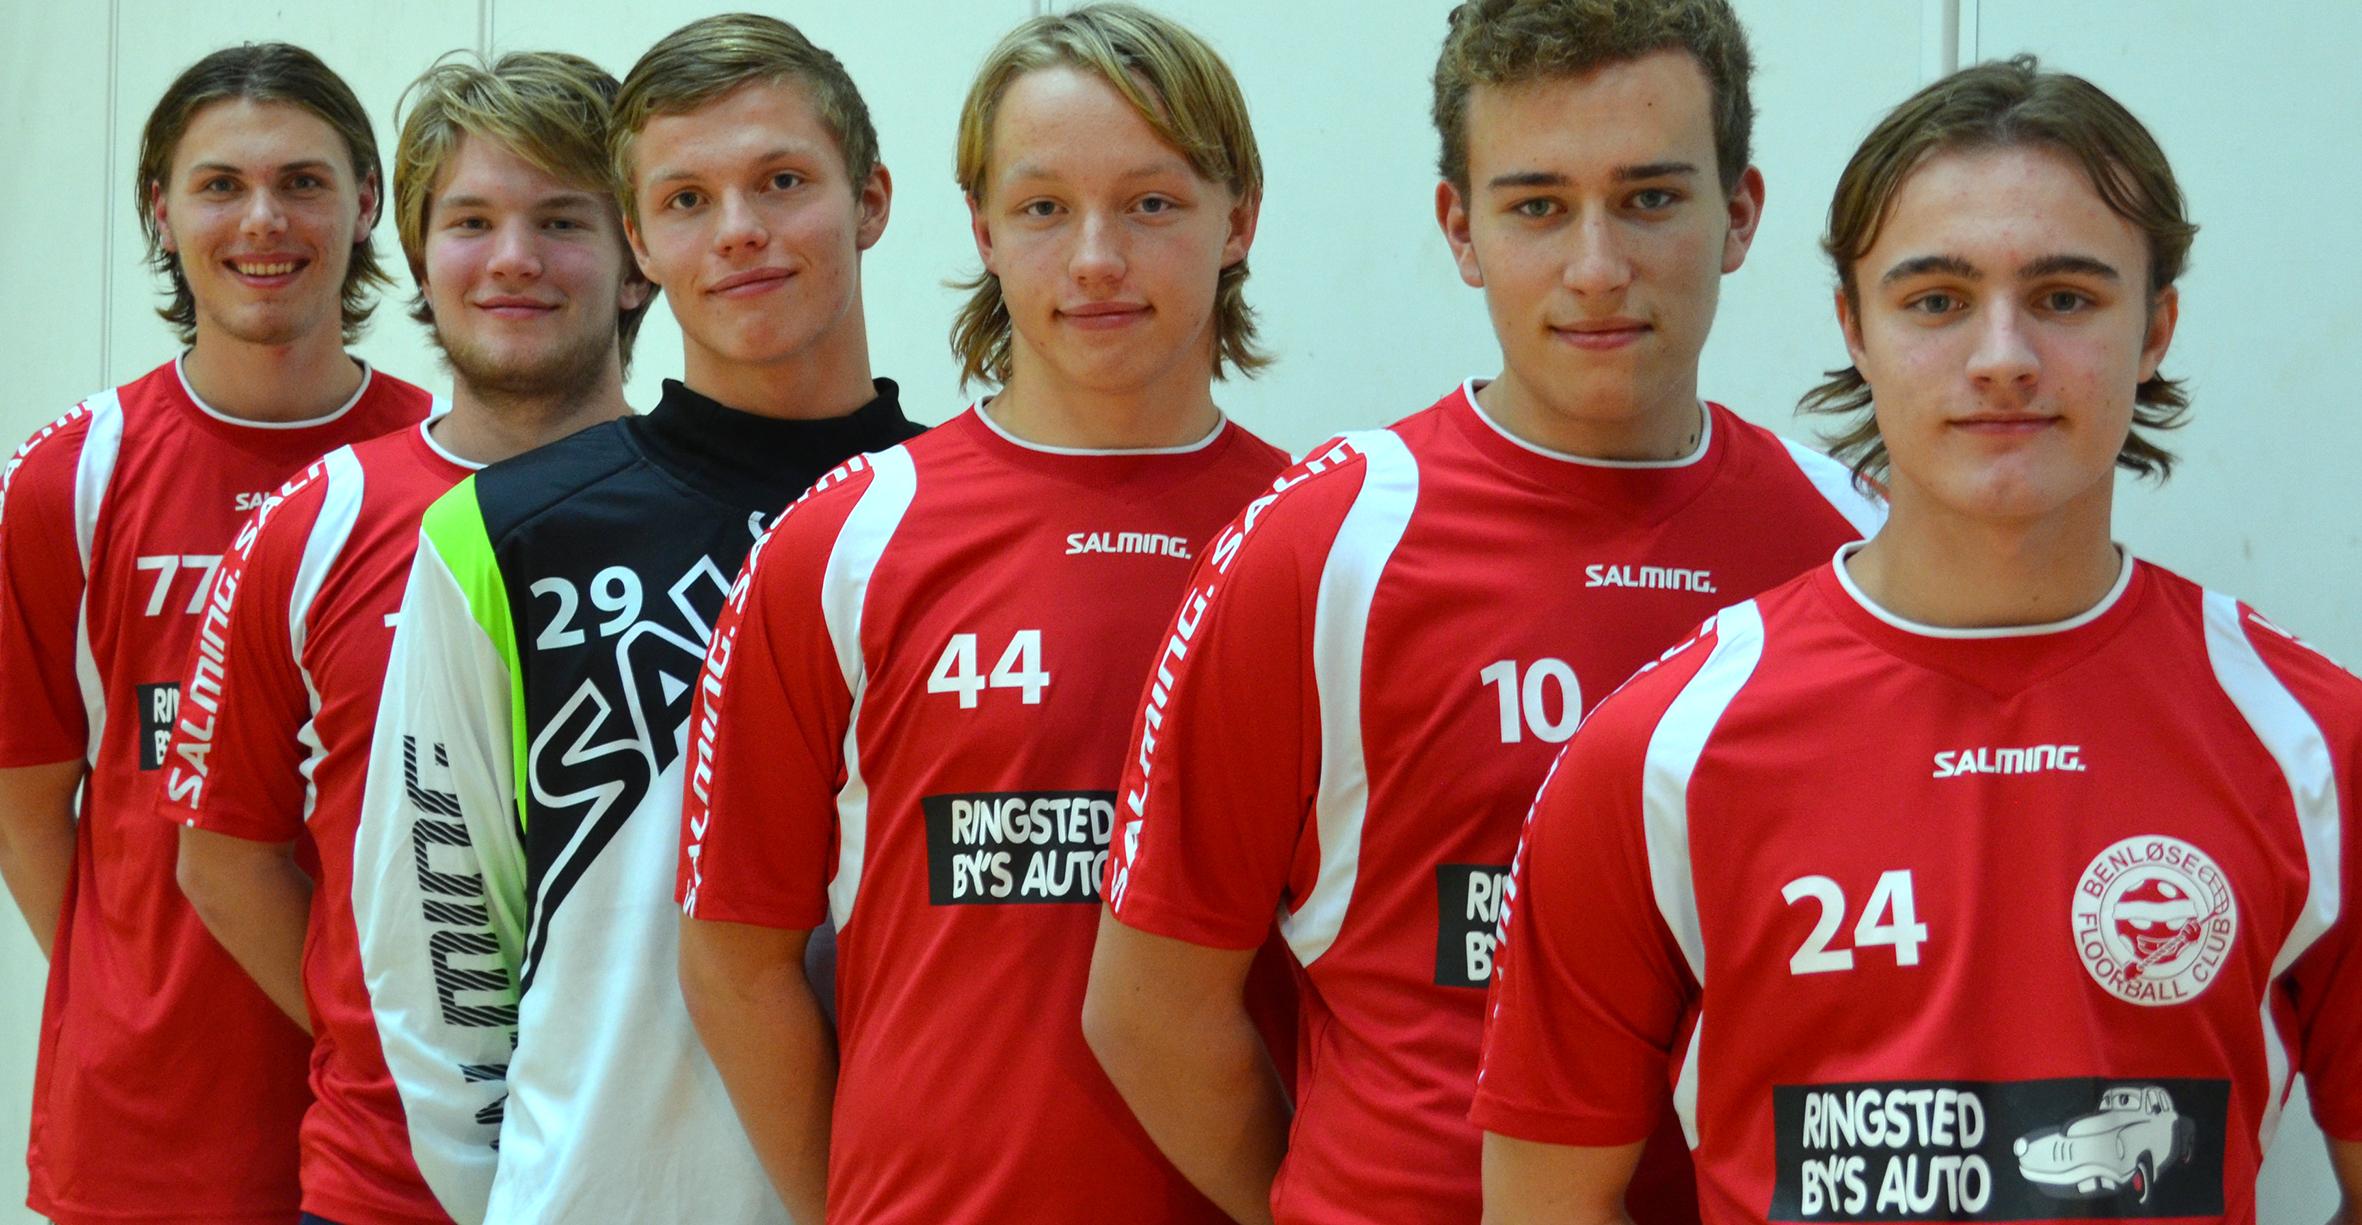 Kampen i Frederikshavn have Nikolaj Brixager (44) og Mikkel Christensen (24) i startopstillingen. Mathias Glass (77) har allerede spillet sig til en fast plads.